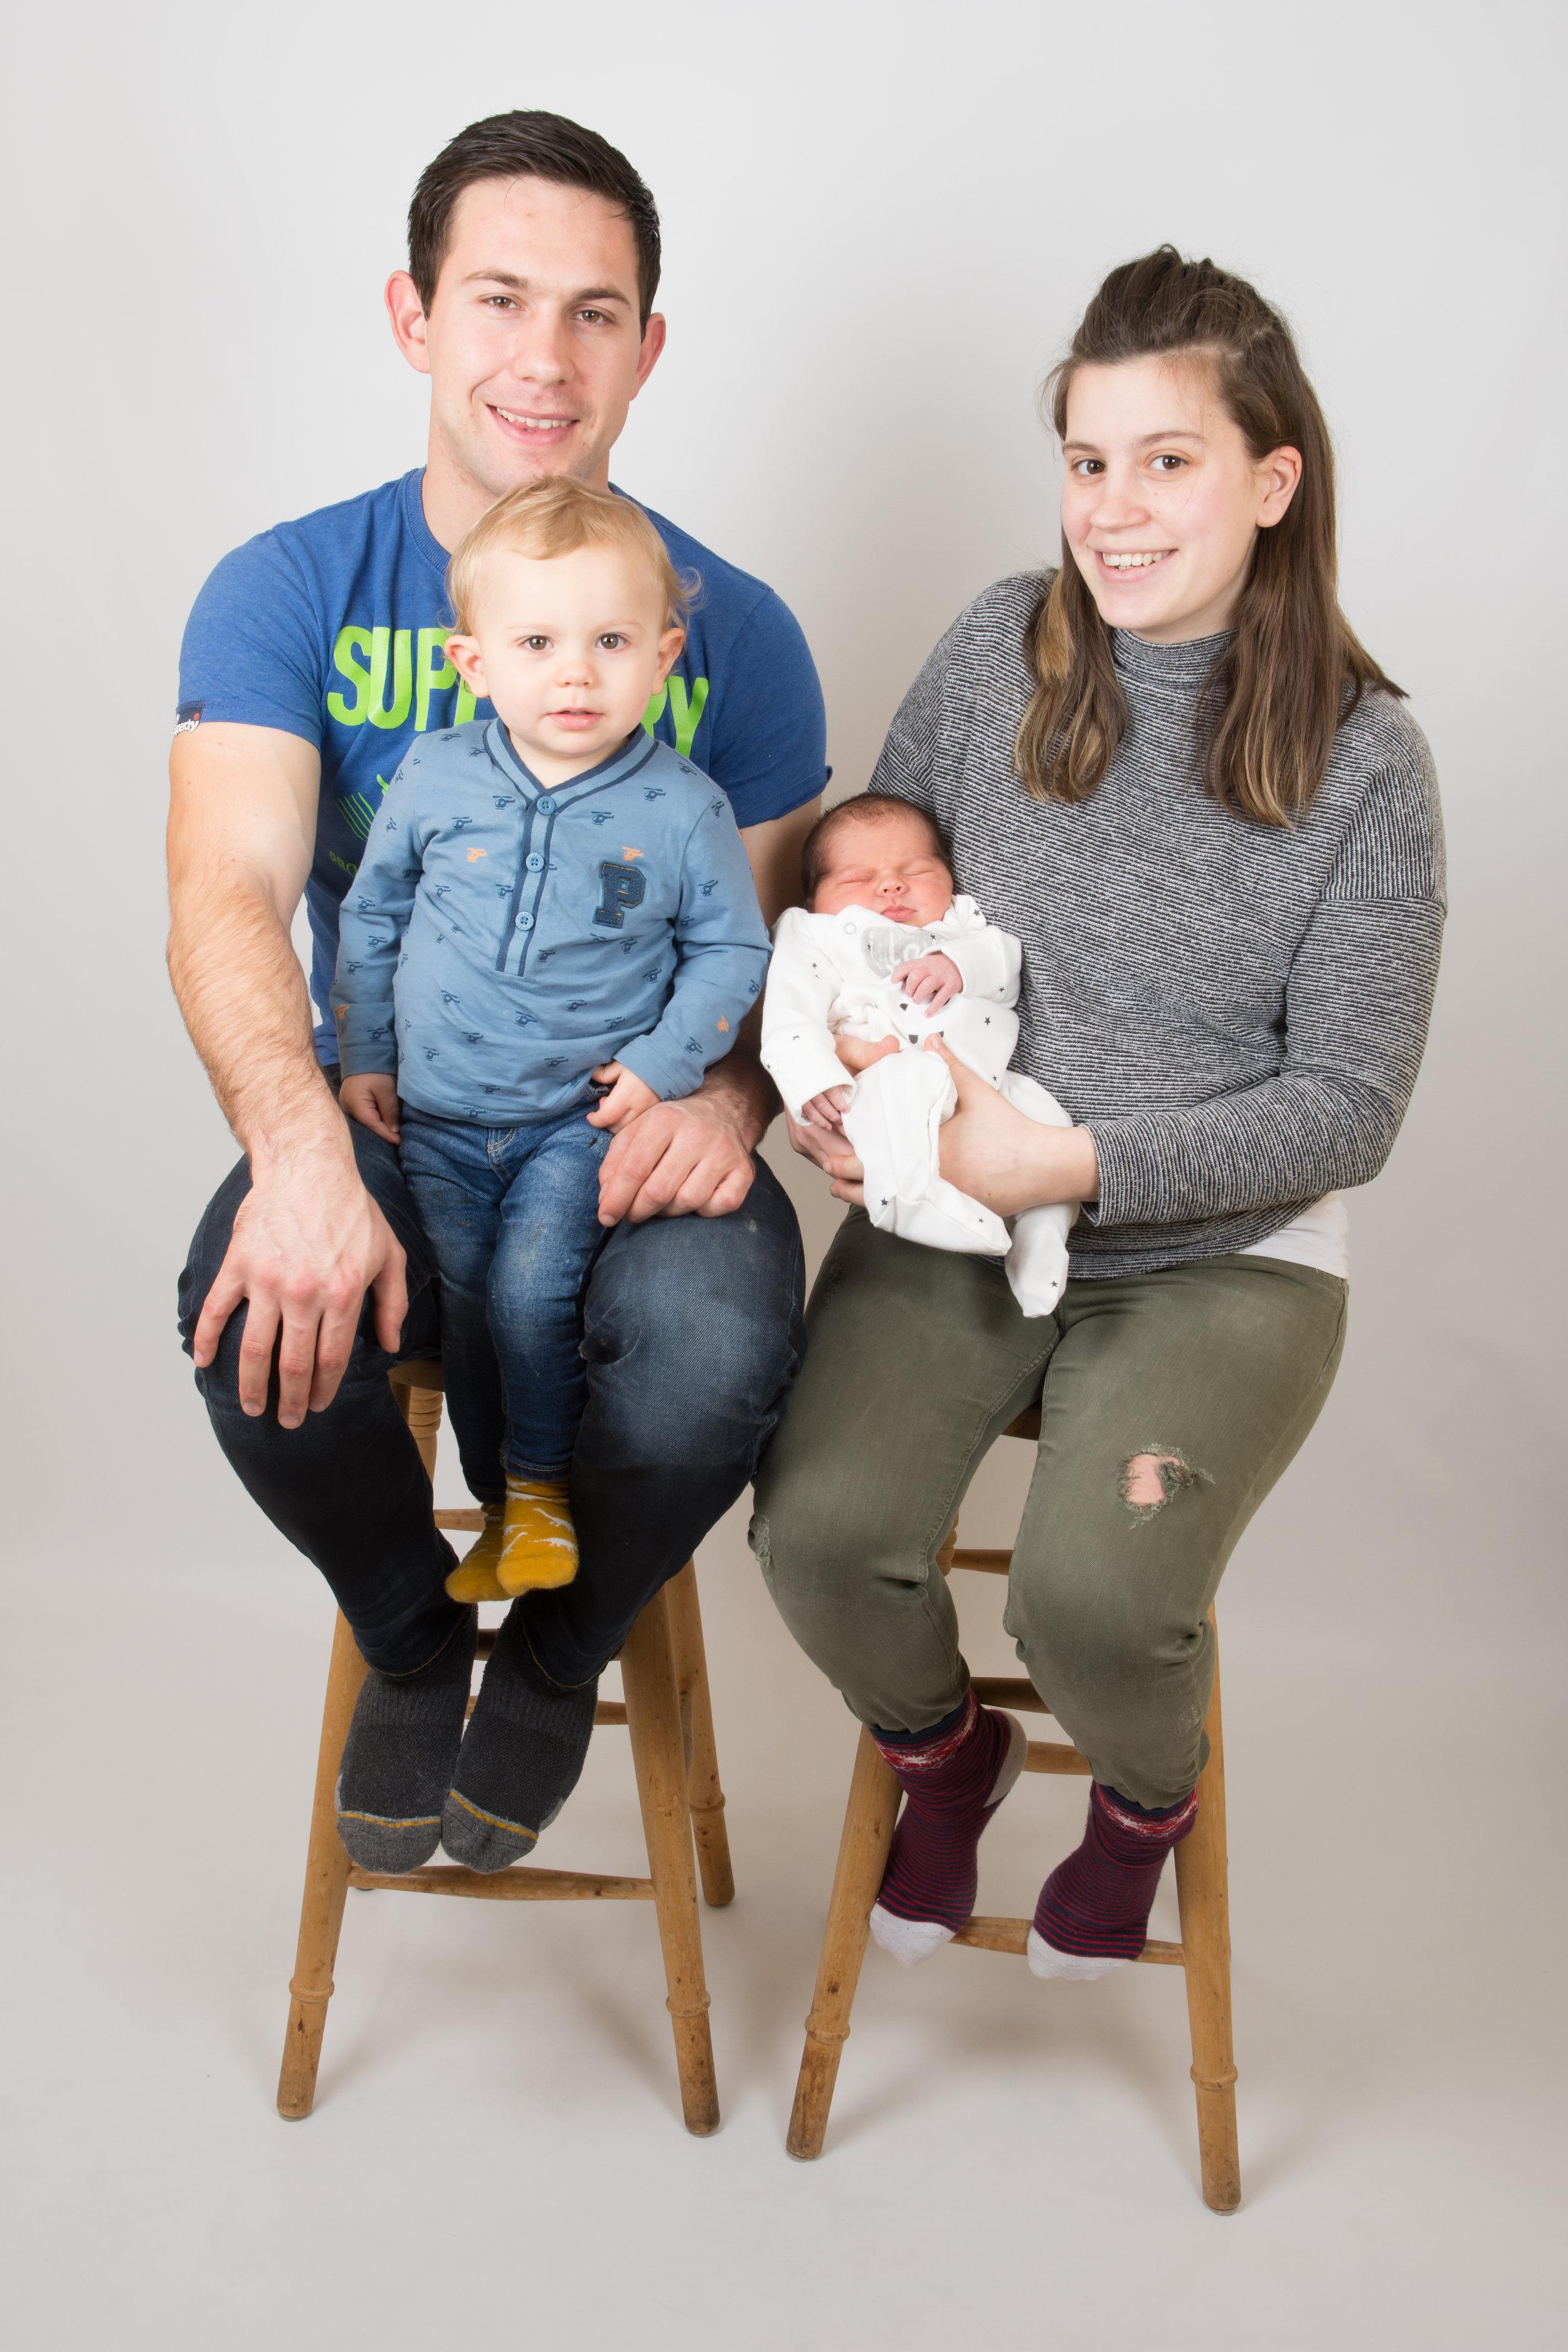 Jaime & Family-015.jpg